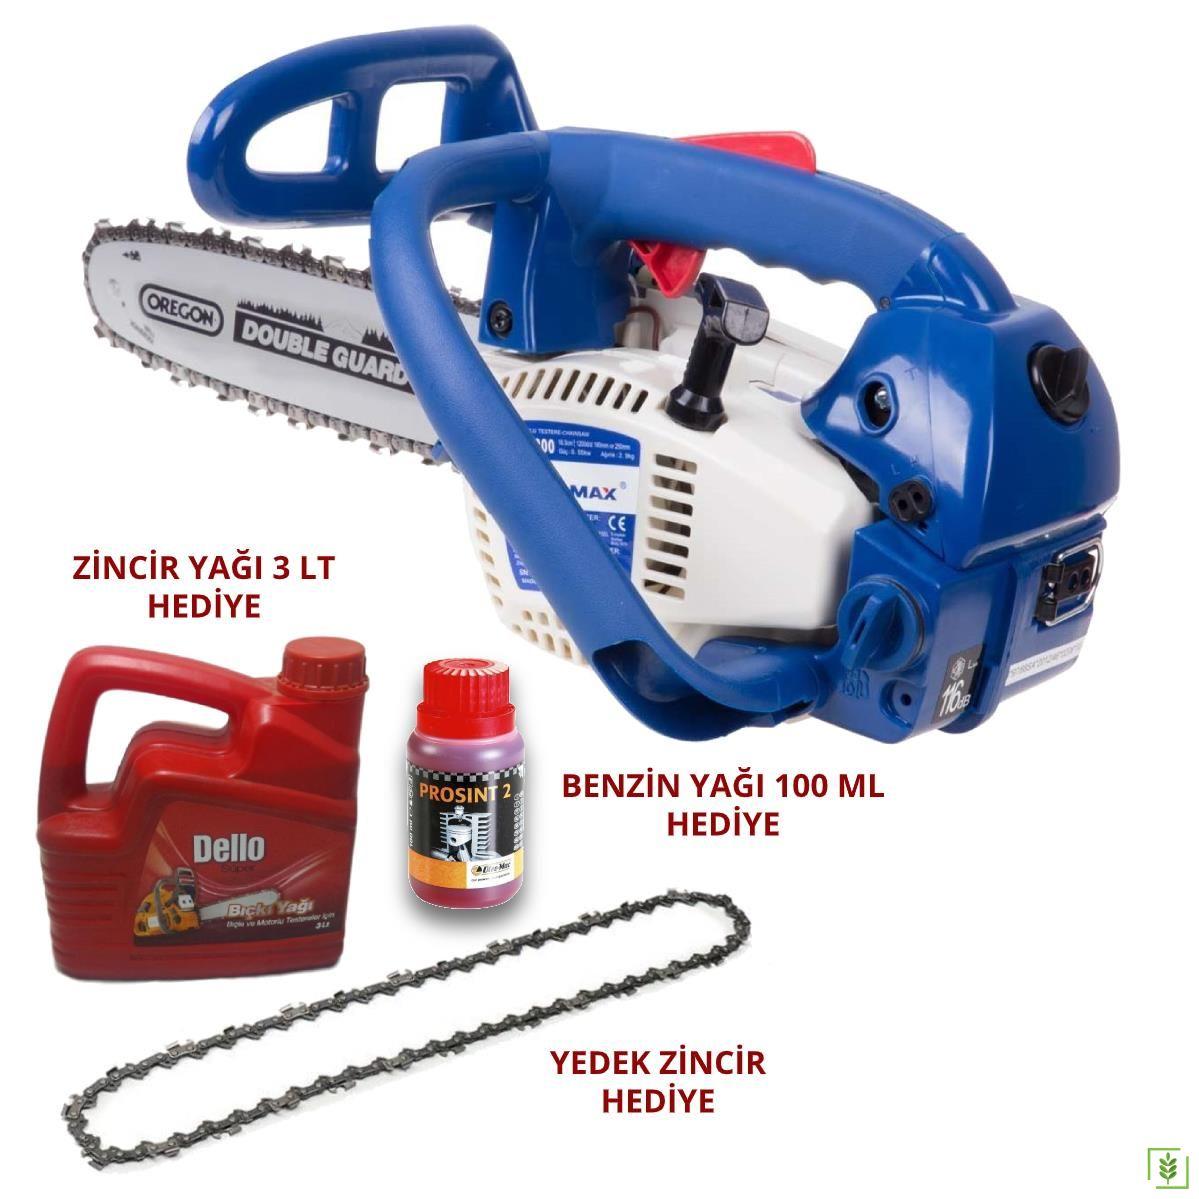 Zomax ZM2000 Motorlu Budama Testeresi + Zincir Benzin Yağı Zincir Hediye